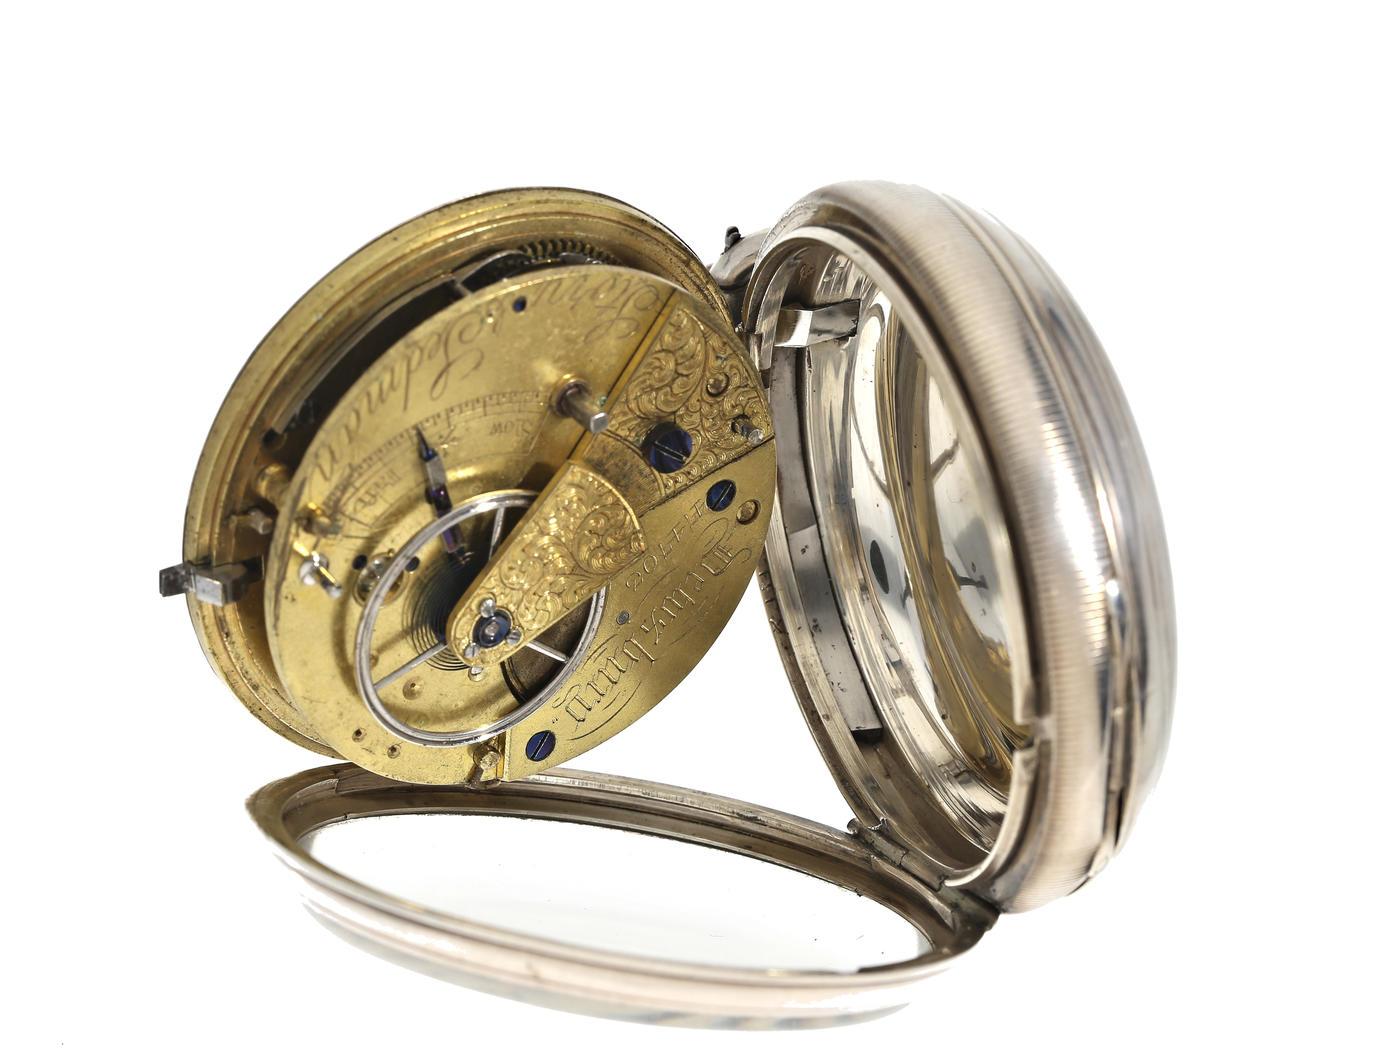 Taschenuhr: besonders schwere englische Taschenuhr mit ausgefallenem Champlevé-Zifferblatt aus - Bild 2 aus 3